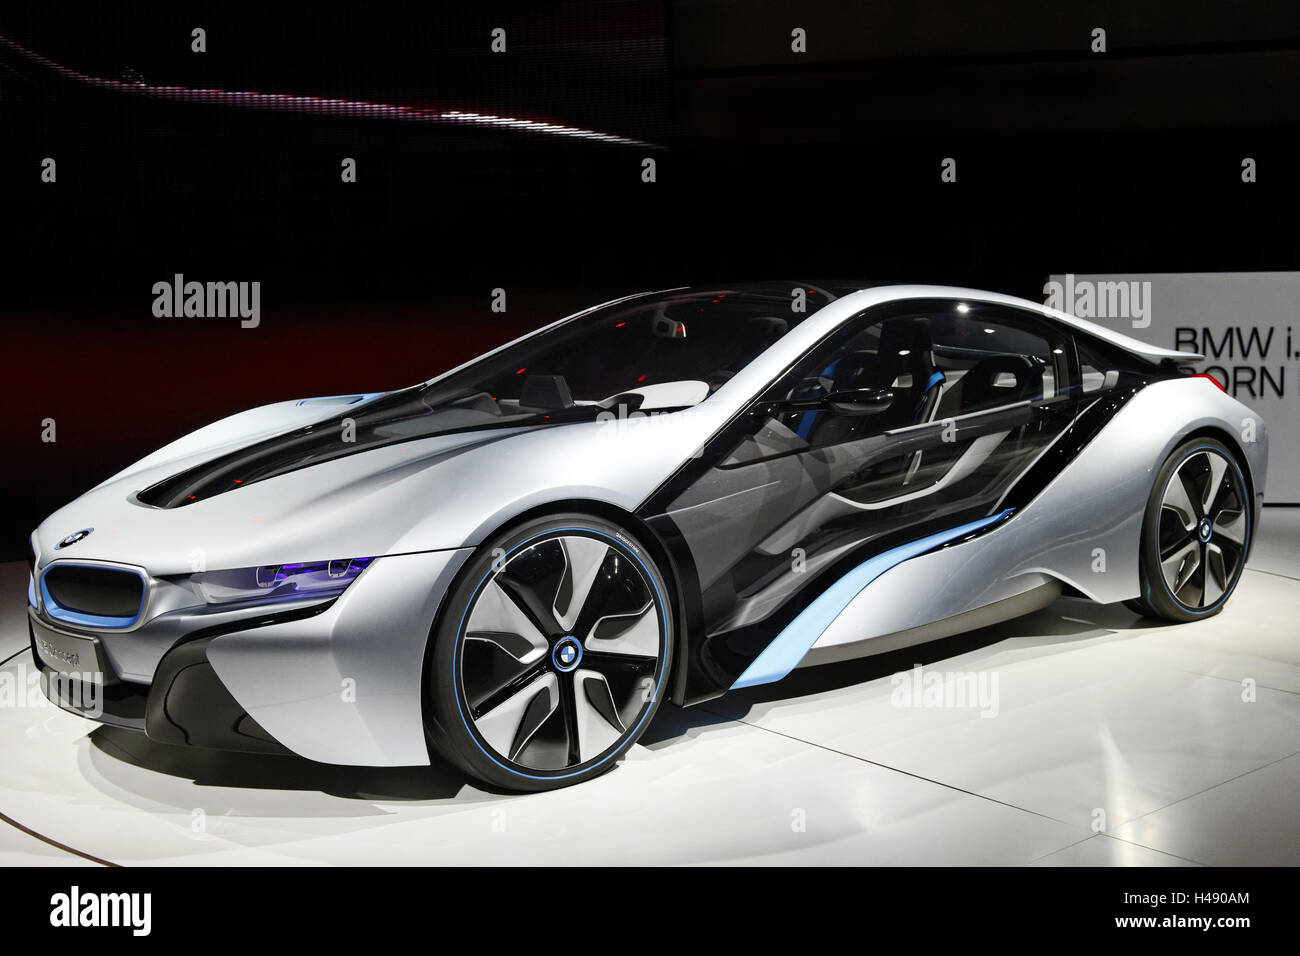 2016 Bmw 328i >> 100+ [ Concept Bmw I8 ] | Bmw I8 Spyder Concept Revealed News Motor Show Auto Express,Bmw I8 ...